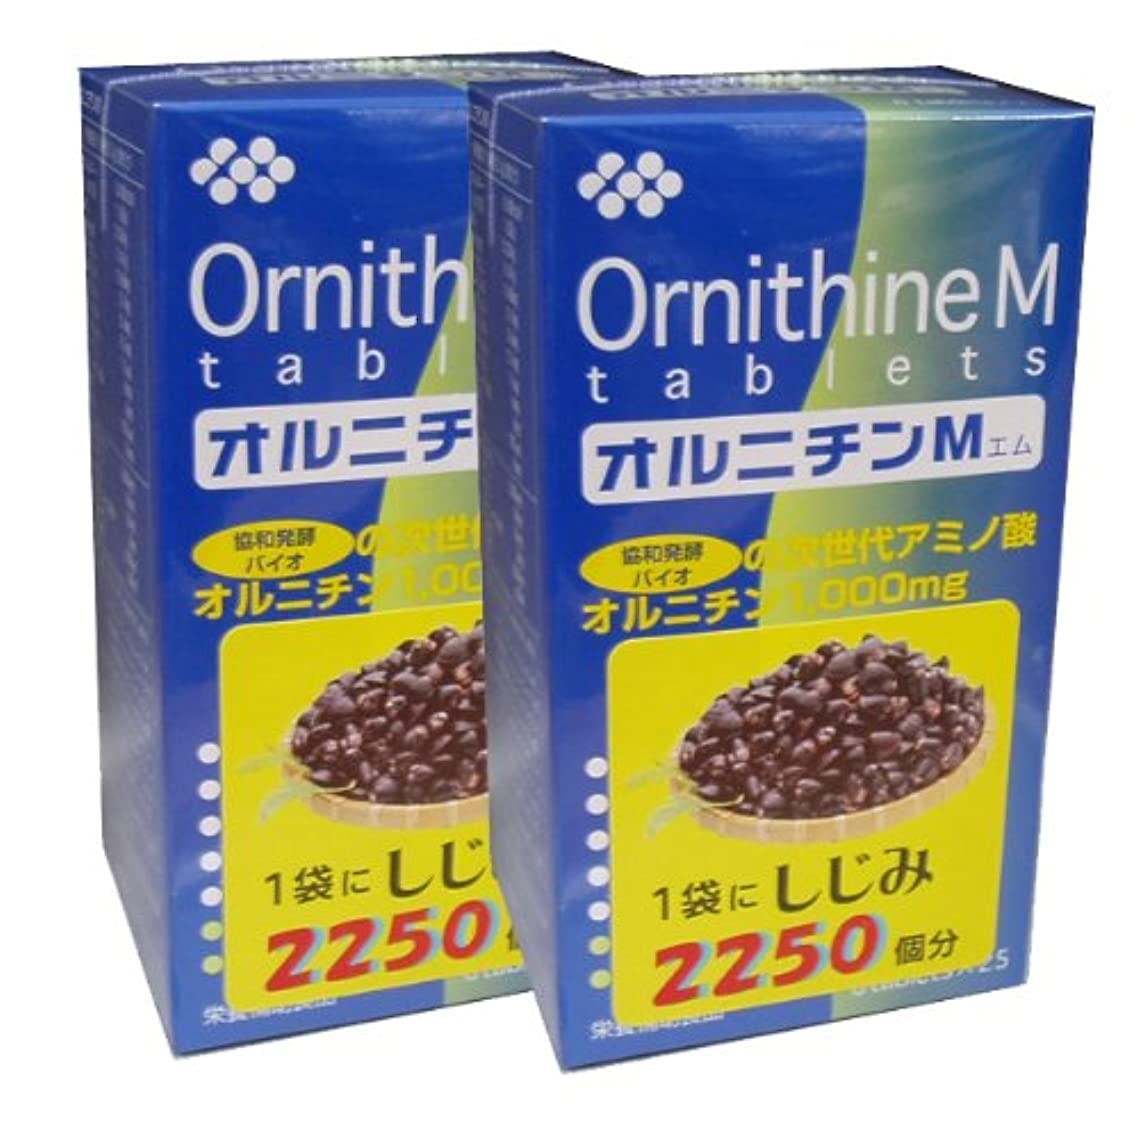 しない残るロデオ協和発酵オルニチンM (6粒×25袋)×2個セット